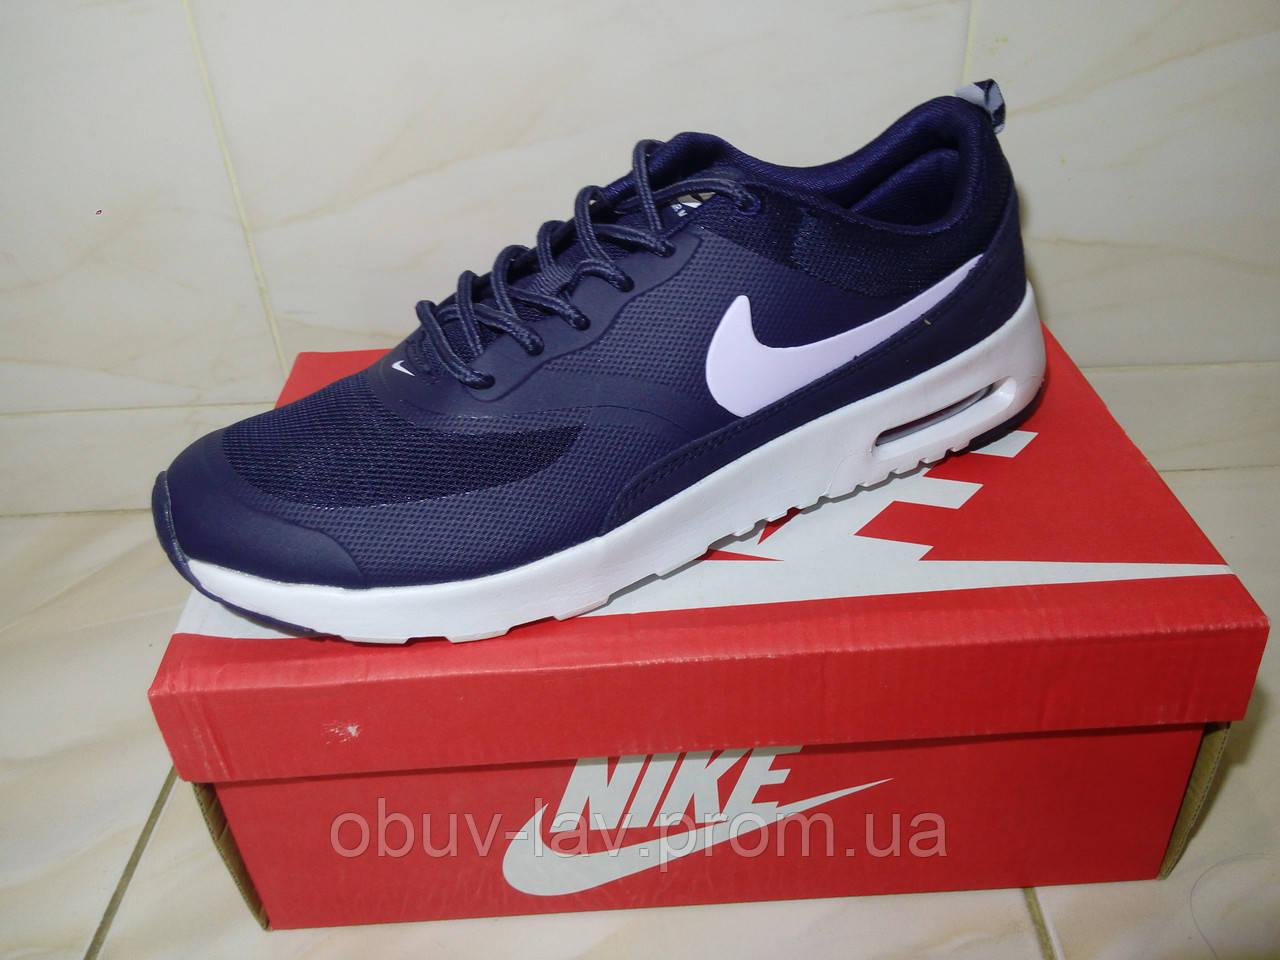 3f7cc8d1 Мужские кроссовки Nike Air Max Thea синие - Интернет-магазин спортивной  обуви